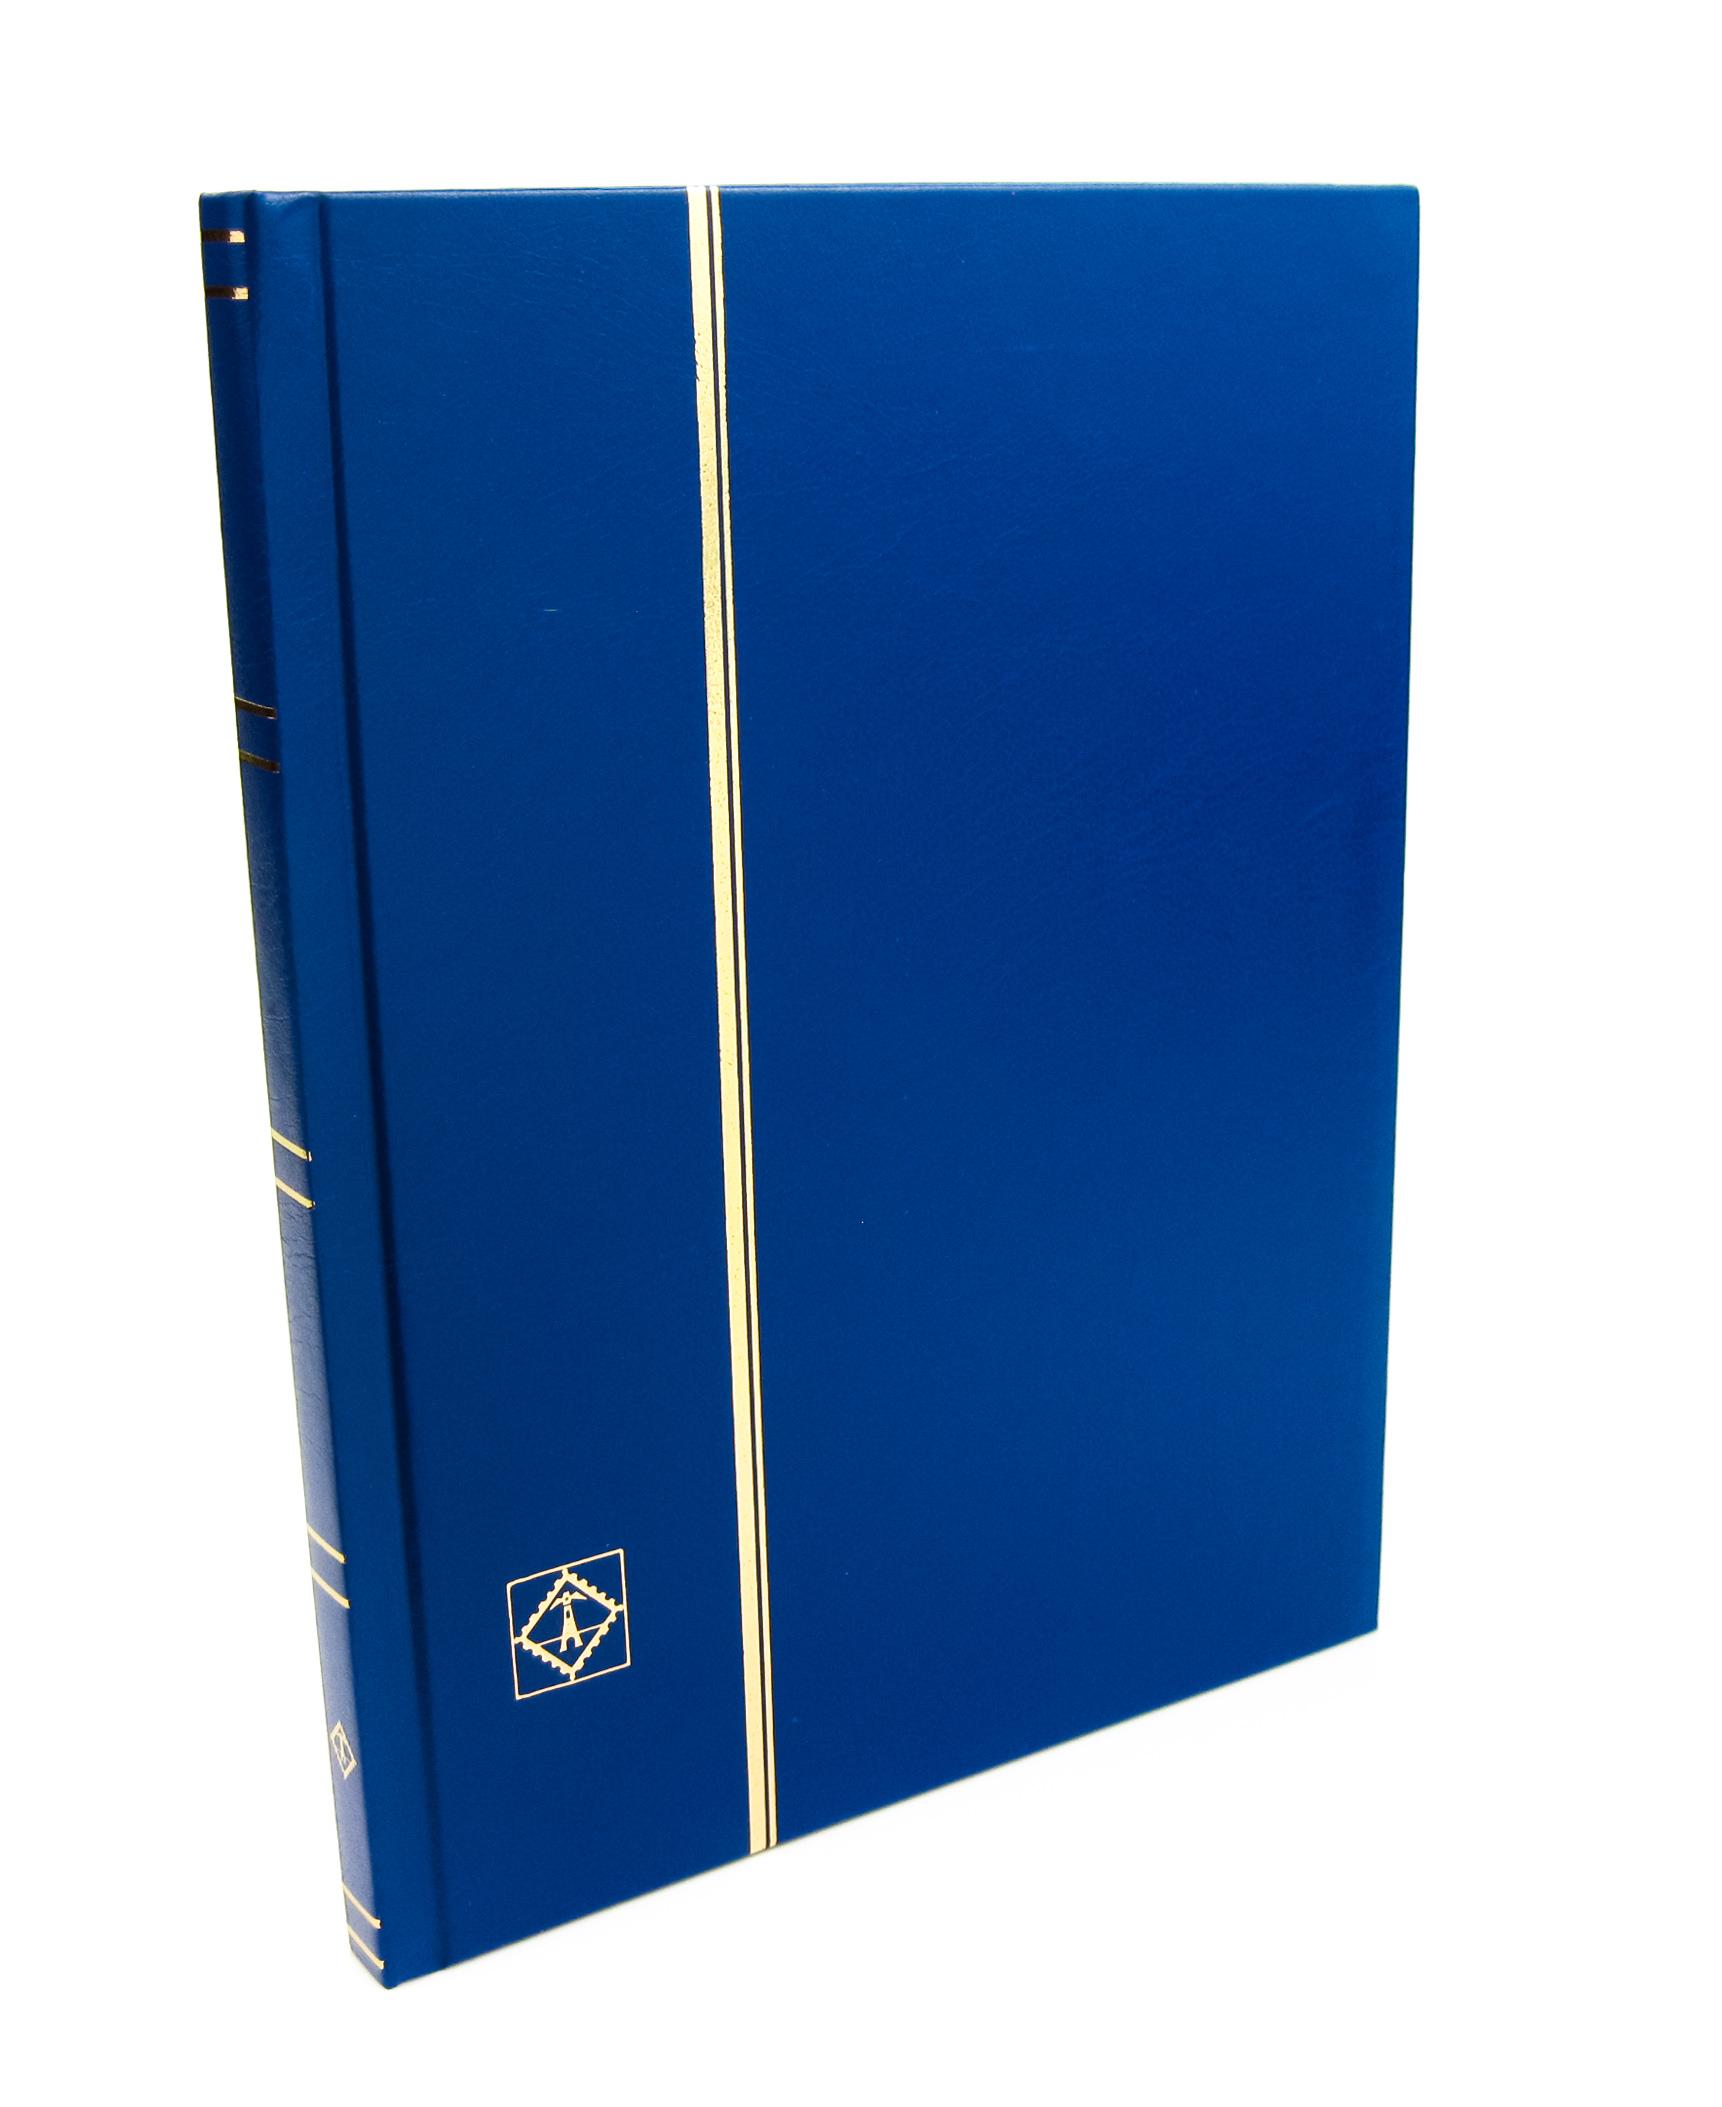 КЛАСТЕР НА МАРКИ BASIC, А4, 32 СТРАНИЦЫ LEUCHTTURM доставка товаров из Польши и Allegro на русском